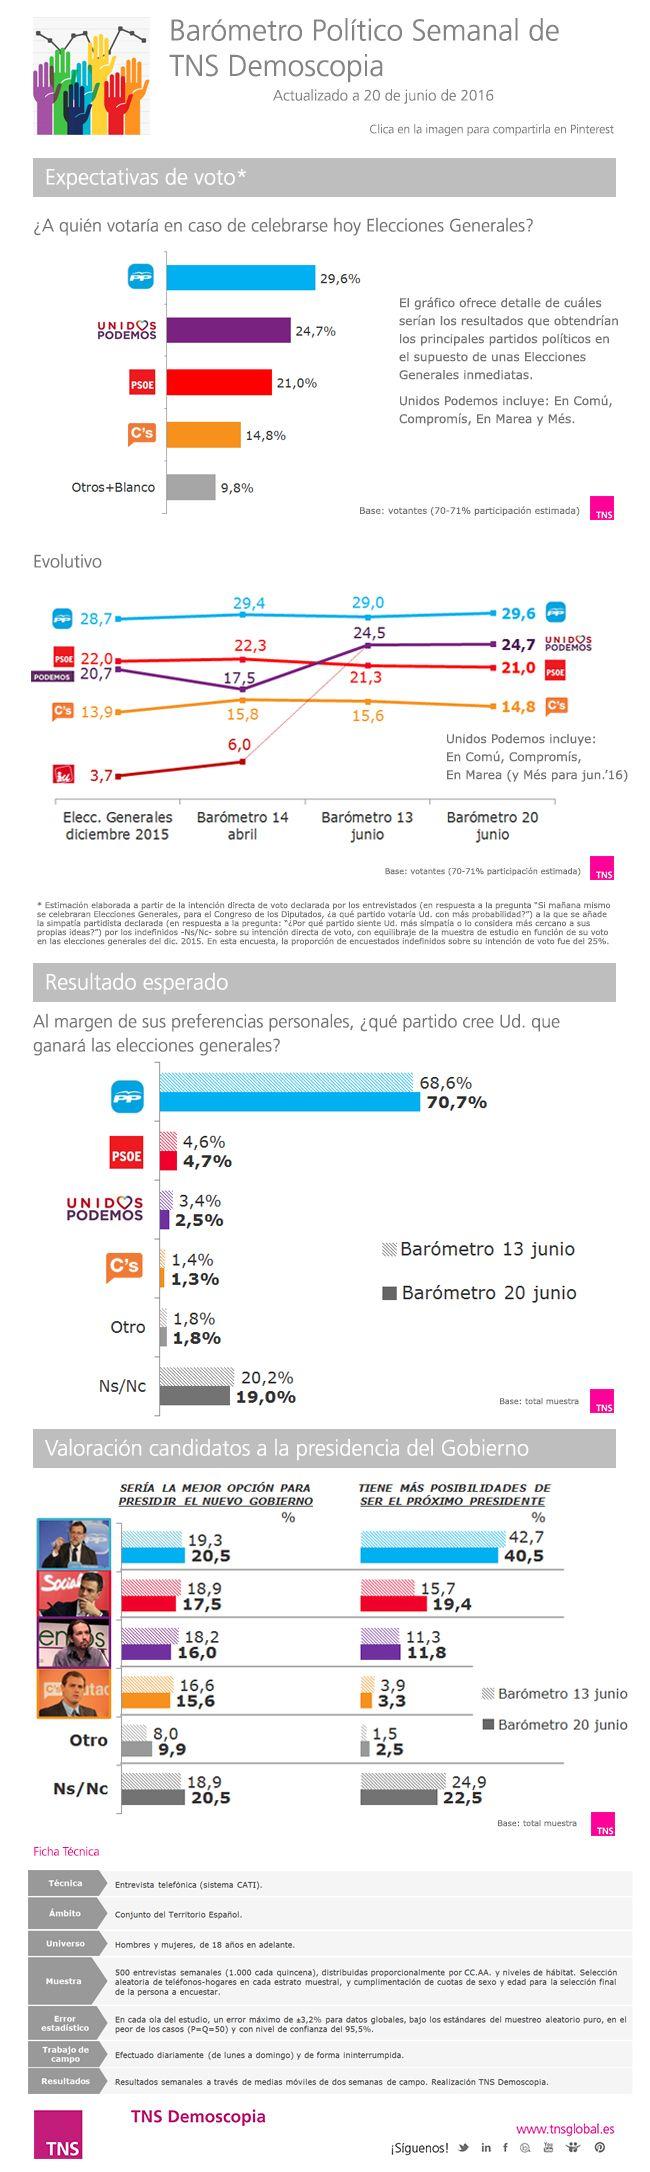 Barómetro Político Electoral 20 de junio